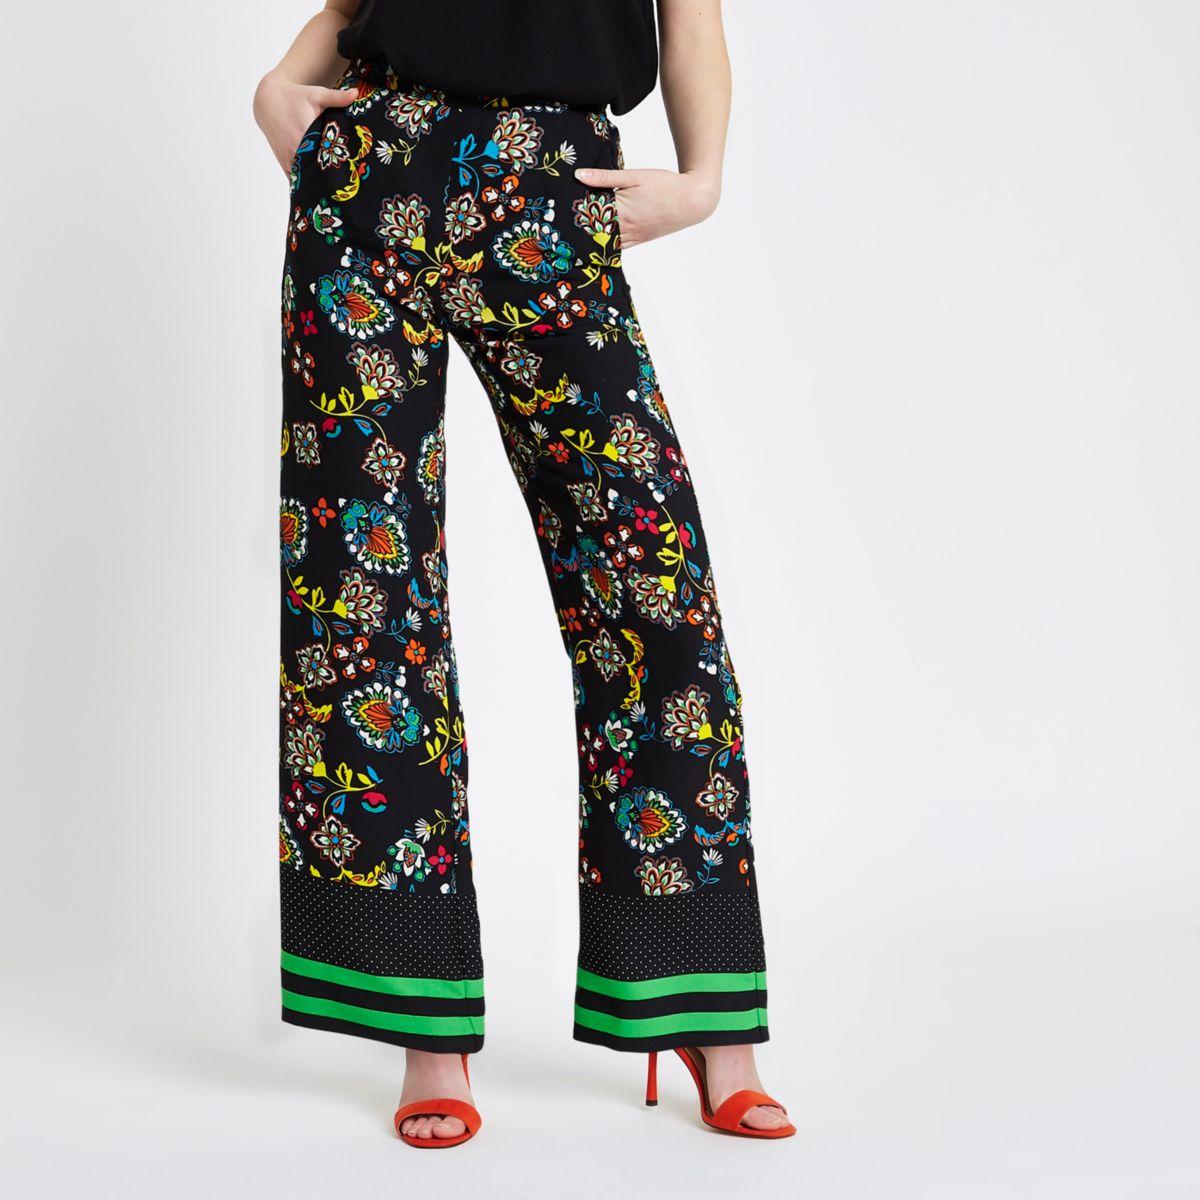 Schwarze Hose mit Blumenmuster